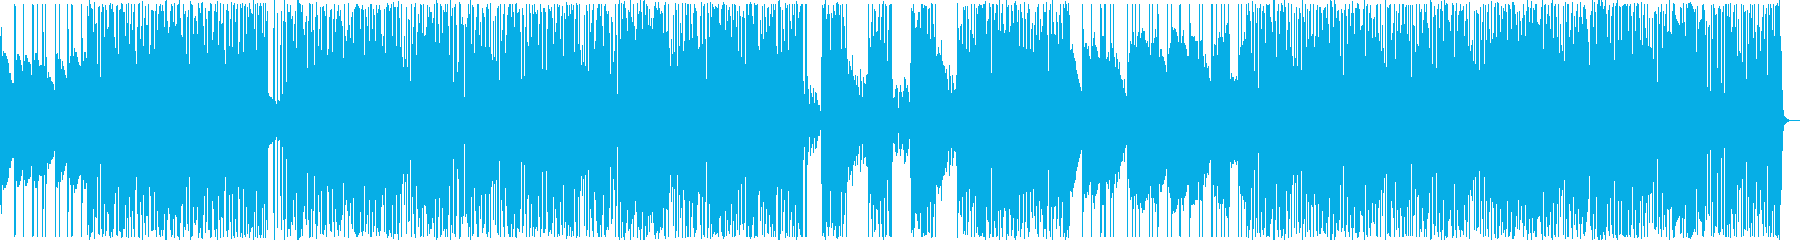 大人っぽい静けさと強いビートが絡むBGMの再生済みの波形